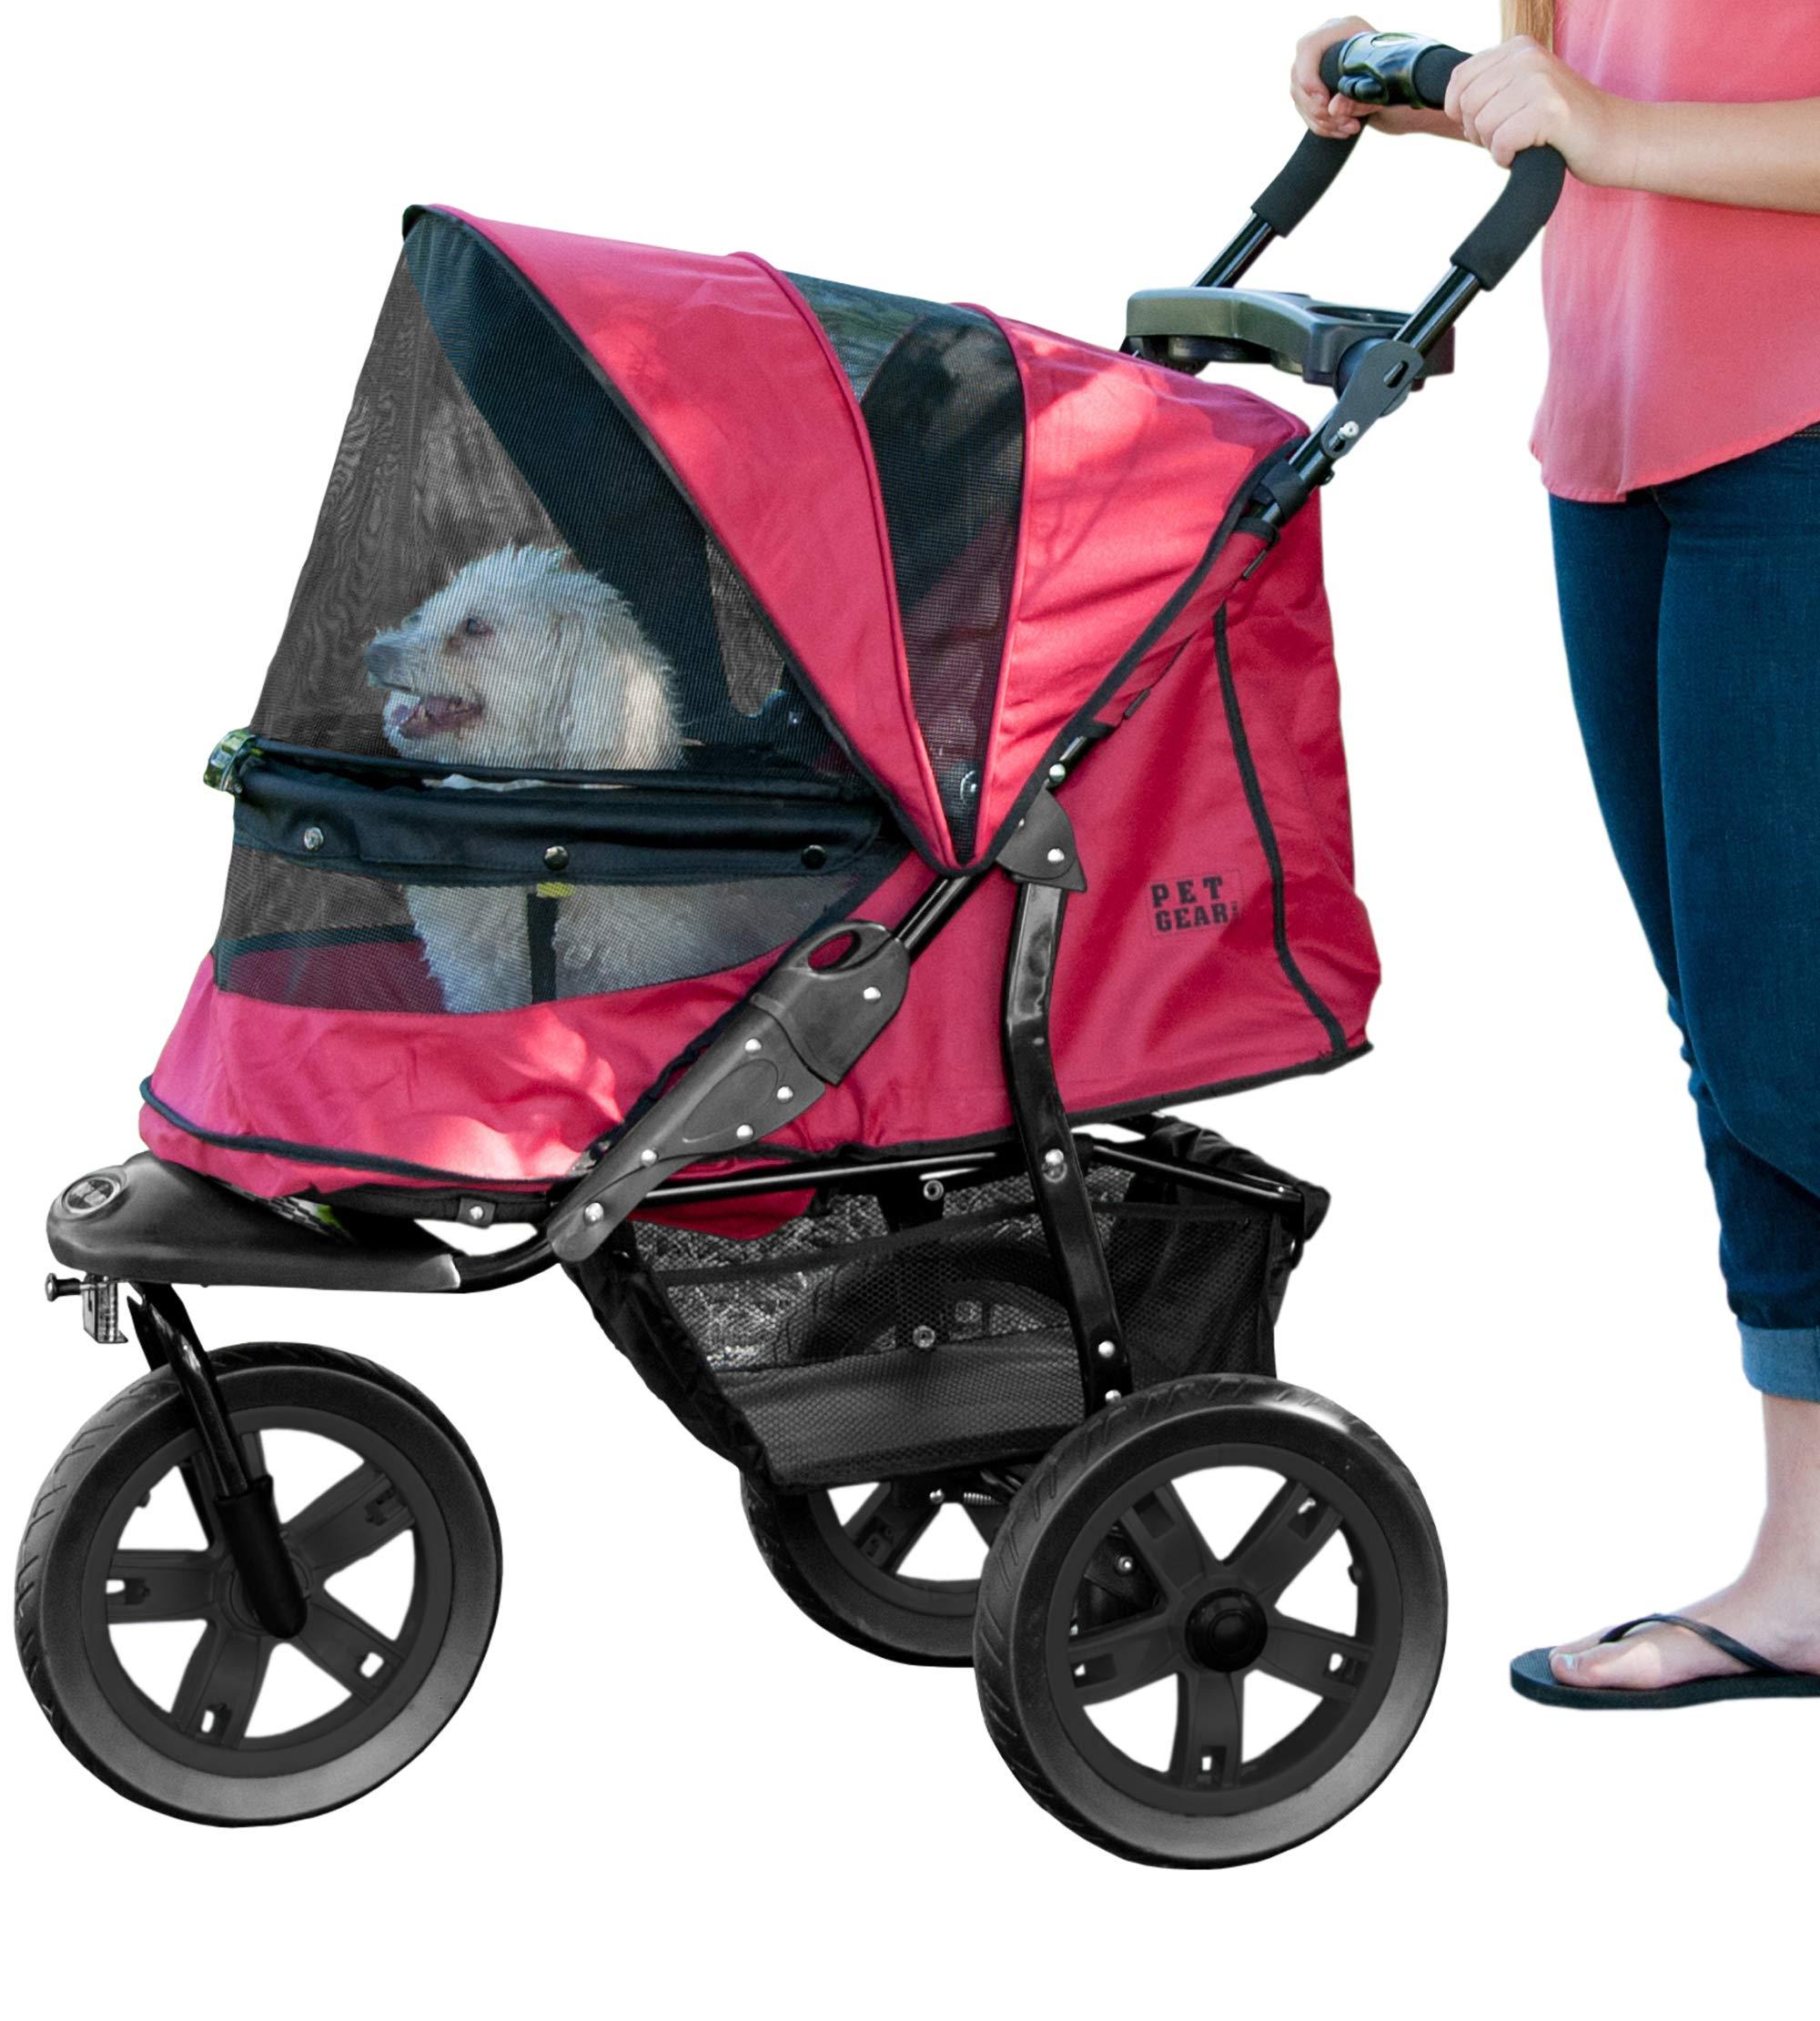 Pet Gear No-Zip AT3 Pet Stroller, Zipperless Entry, Rugged Red